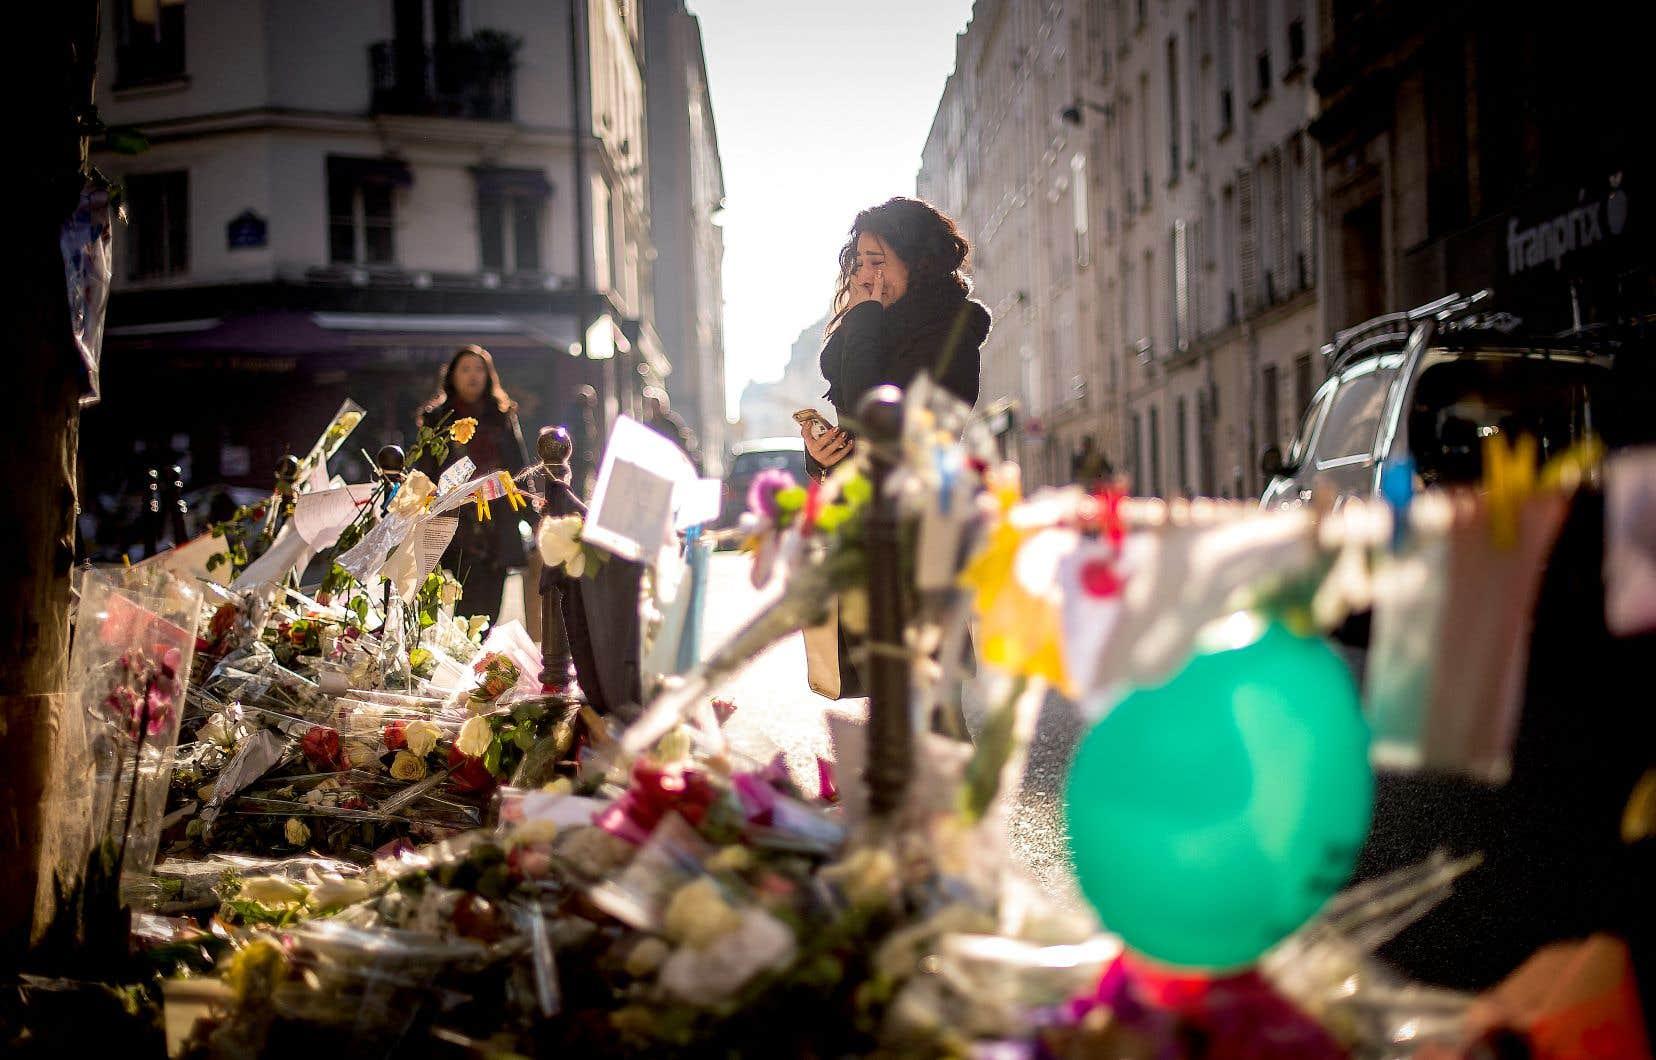 À la suite des attentats de 2015, la France entière avait été plongée dans le deuil. Les attaques coordonnées à plusieurs endroits à Paris avaient fait 130 morts et plus de 350 blessés. Un lieu de recueillement avait été installé devant le restaurant Casa Nostra, un des lieux visés lors des attentats.